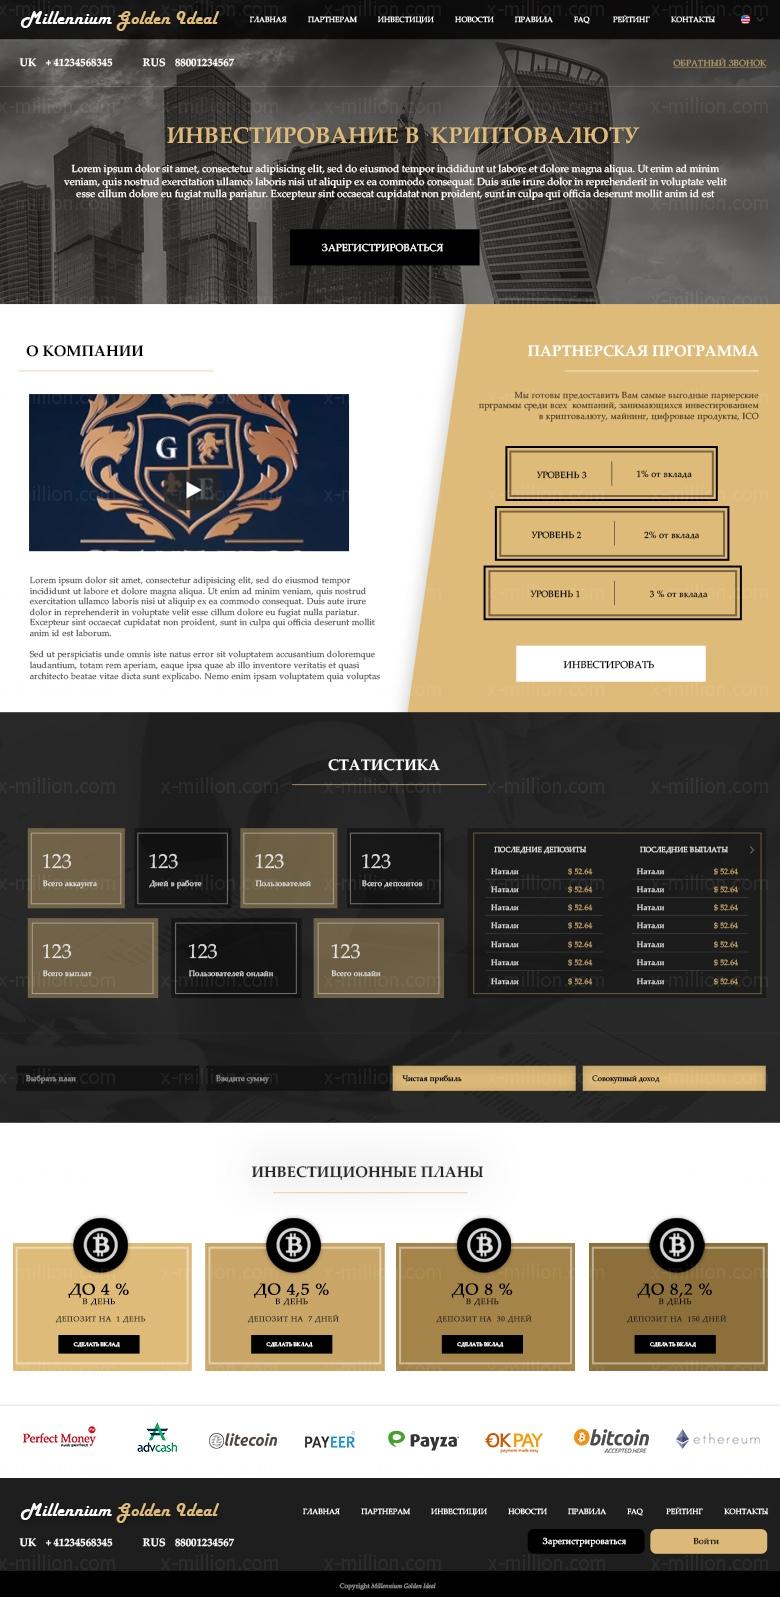 Хайп дизайн. Купить готовый дизайн красивый. Star-gross.com